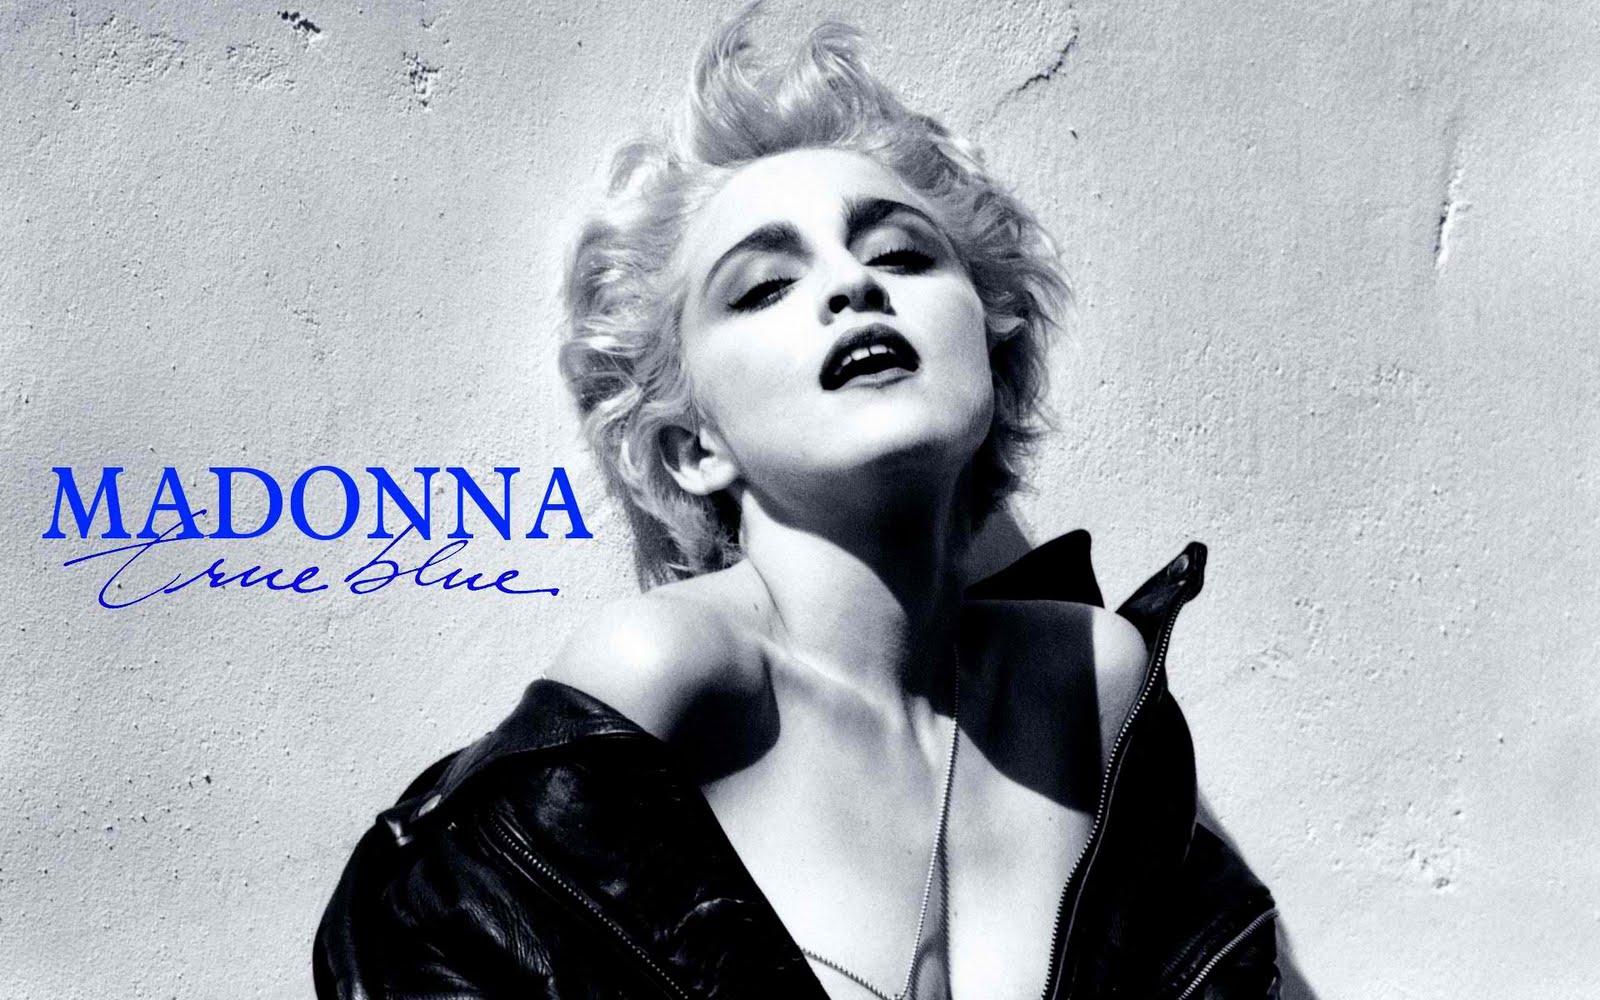 http://3.bp.blogspot.com/-tBcBcw8AEGM/Tg0ZUhHxUUI/AAAAAAAACMY/BKKadYxDIak/s1600/Madonna-TrueBlue-1920x1200-Wallpaper.jpg